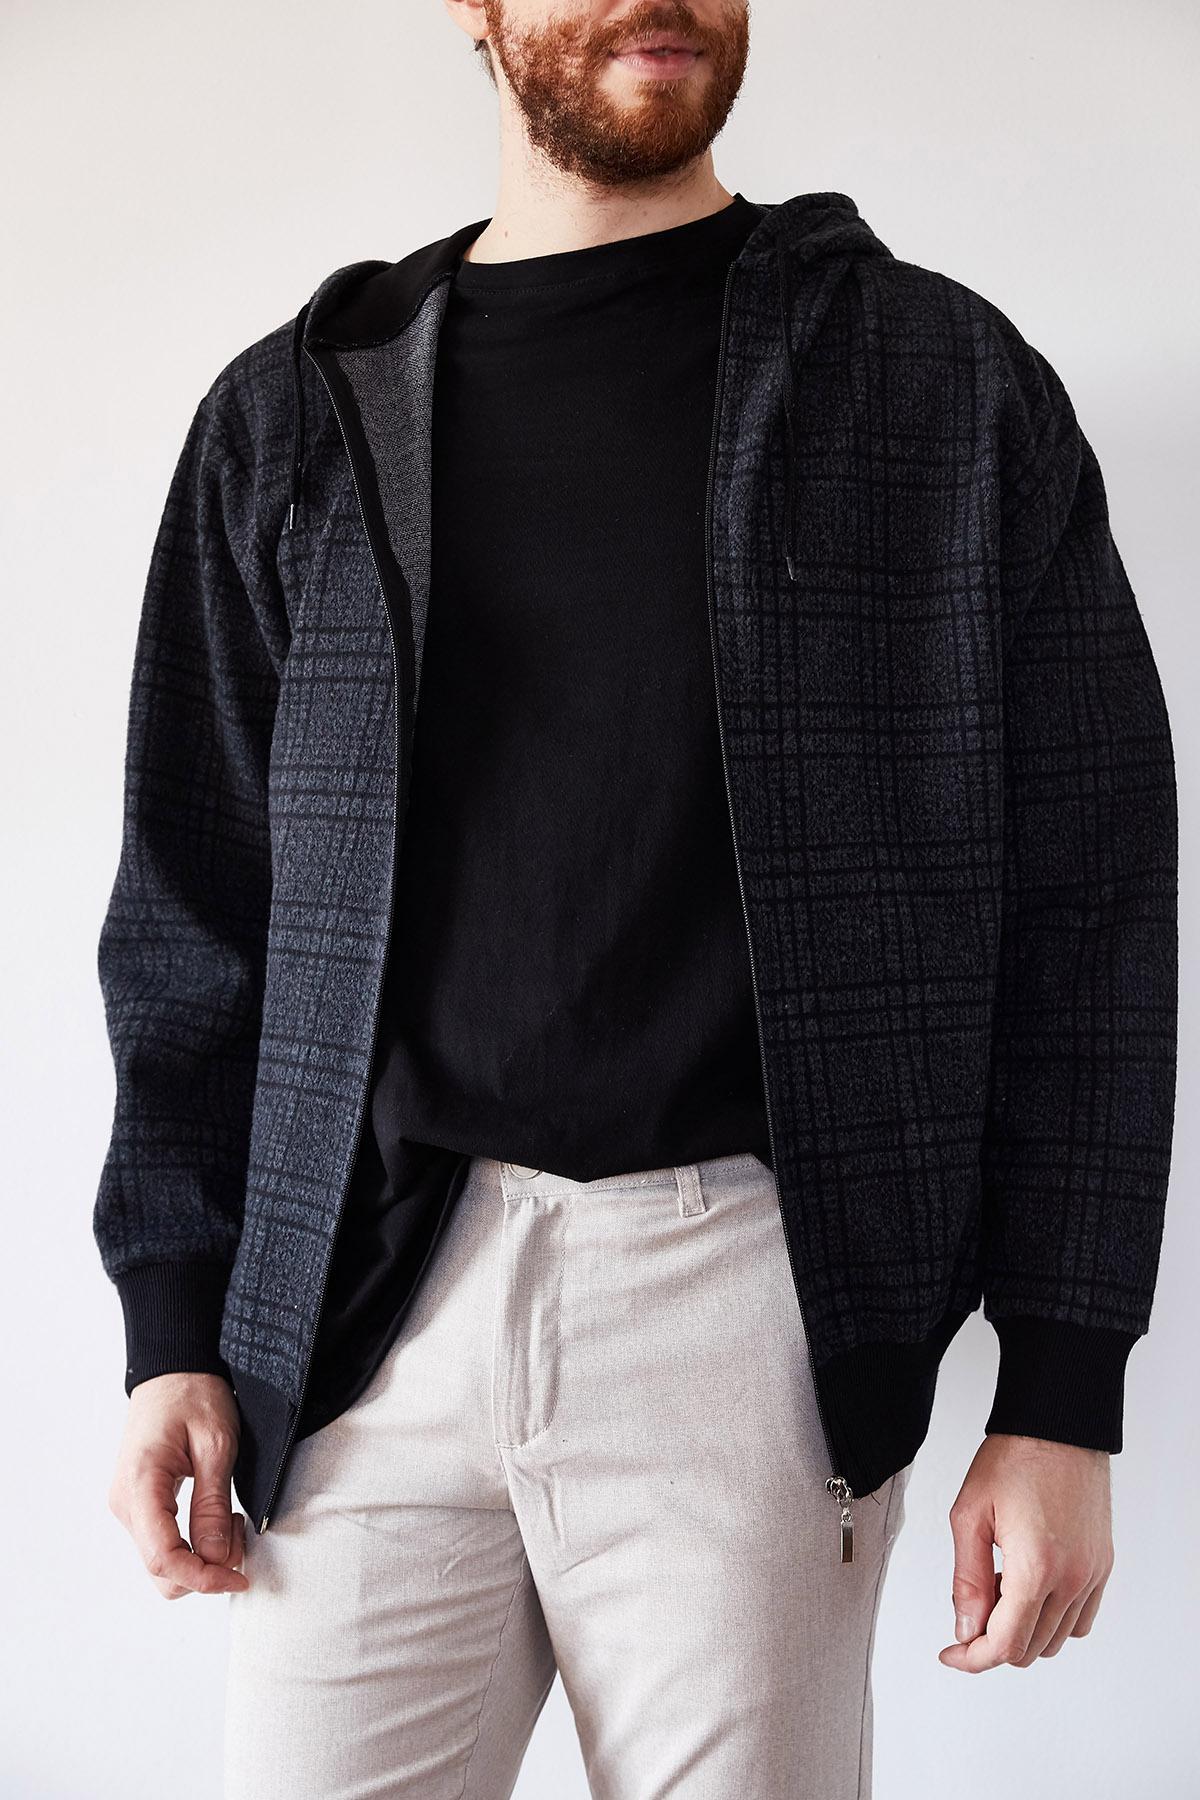 - Lacivert & Siyah Yün Ekoseli Fermuarlı Kepüşonlu Ceket 1KXE8-44247-14